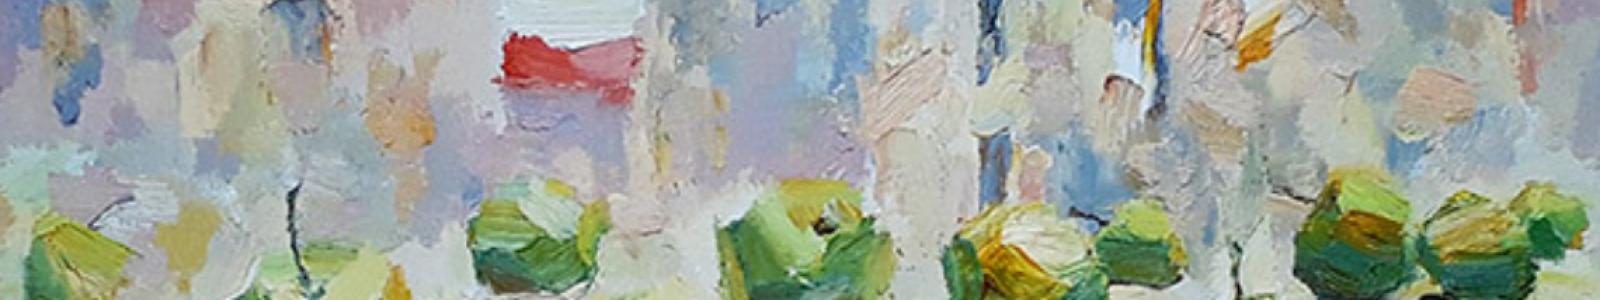 Galerie Peintre sergei balenok